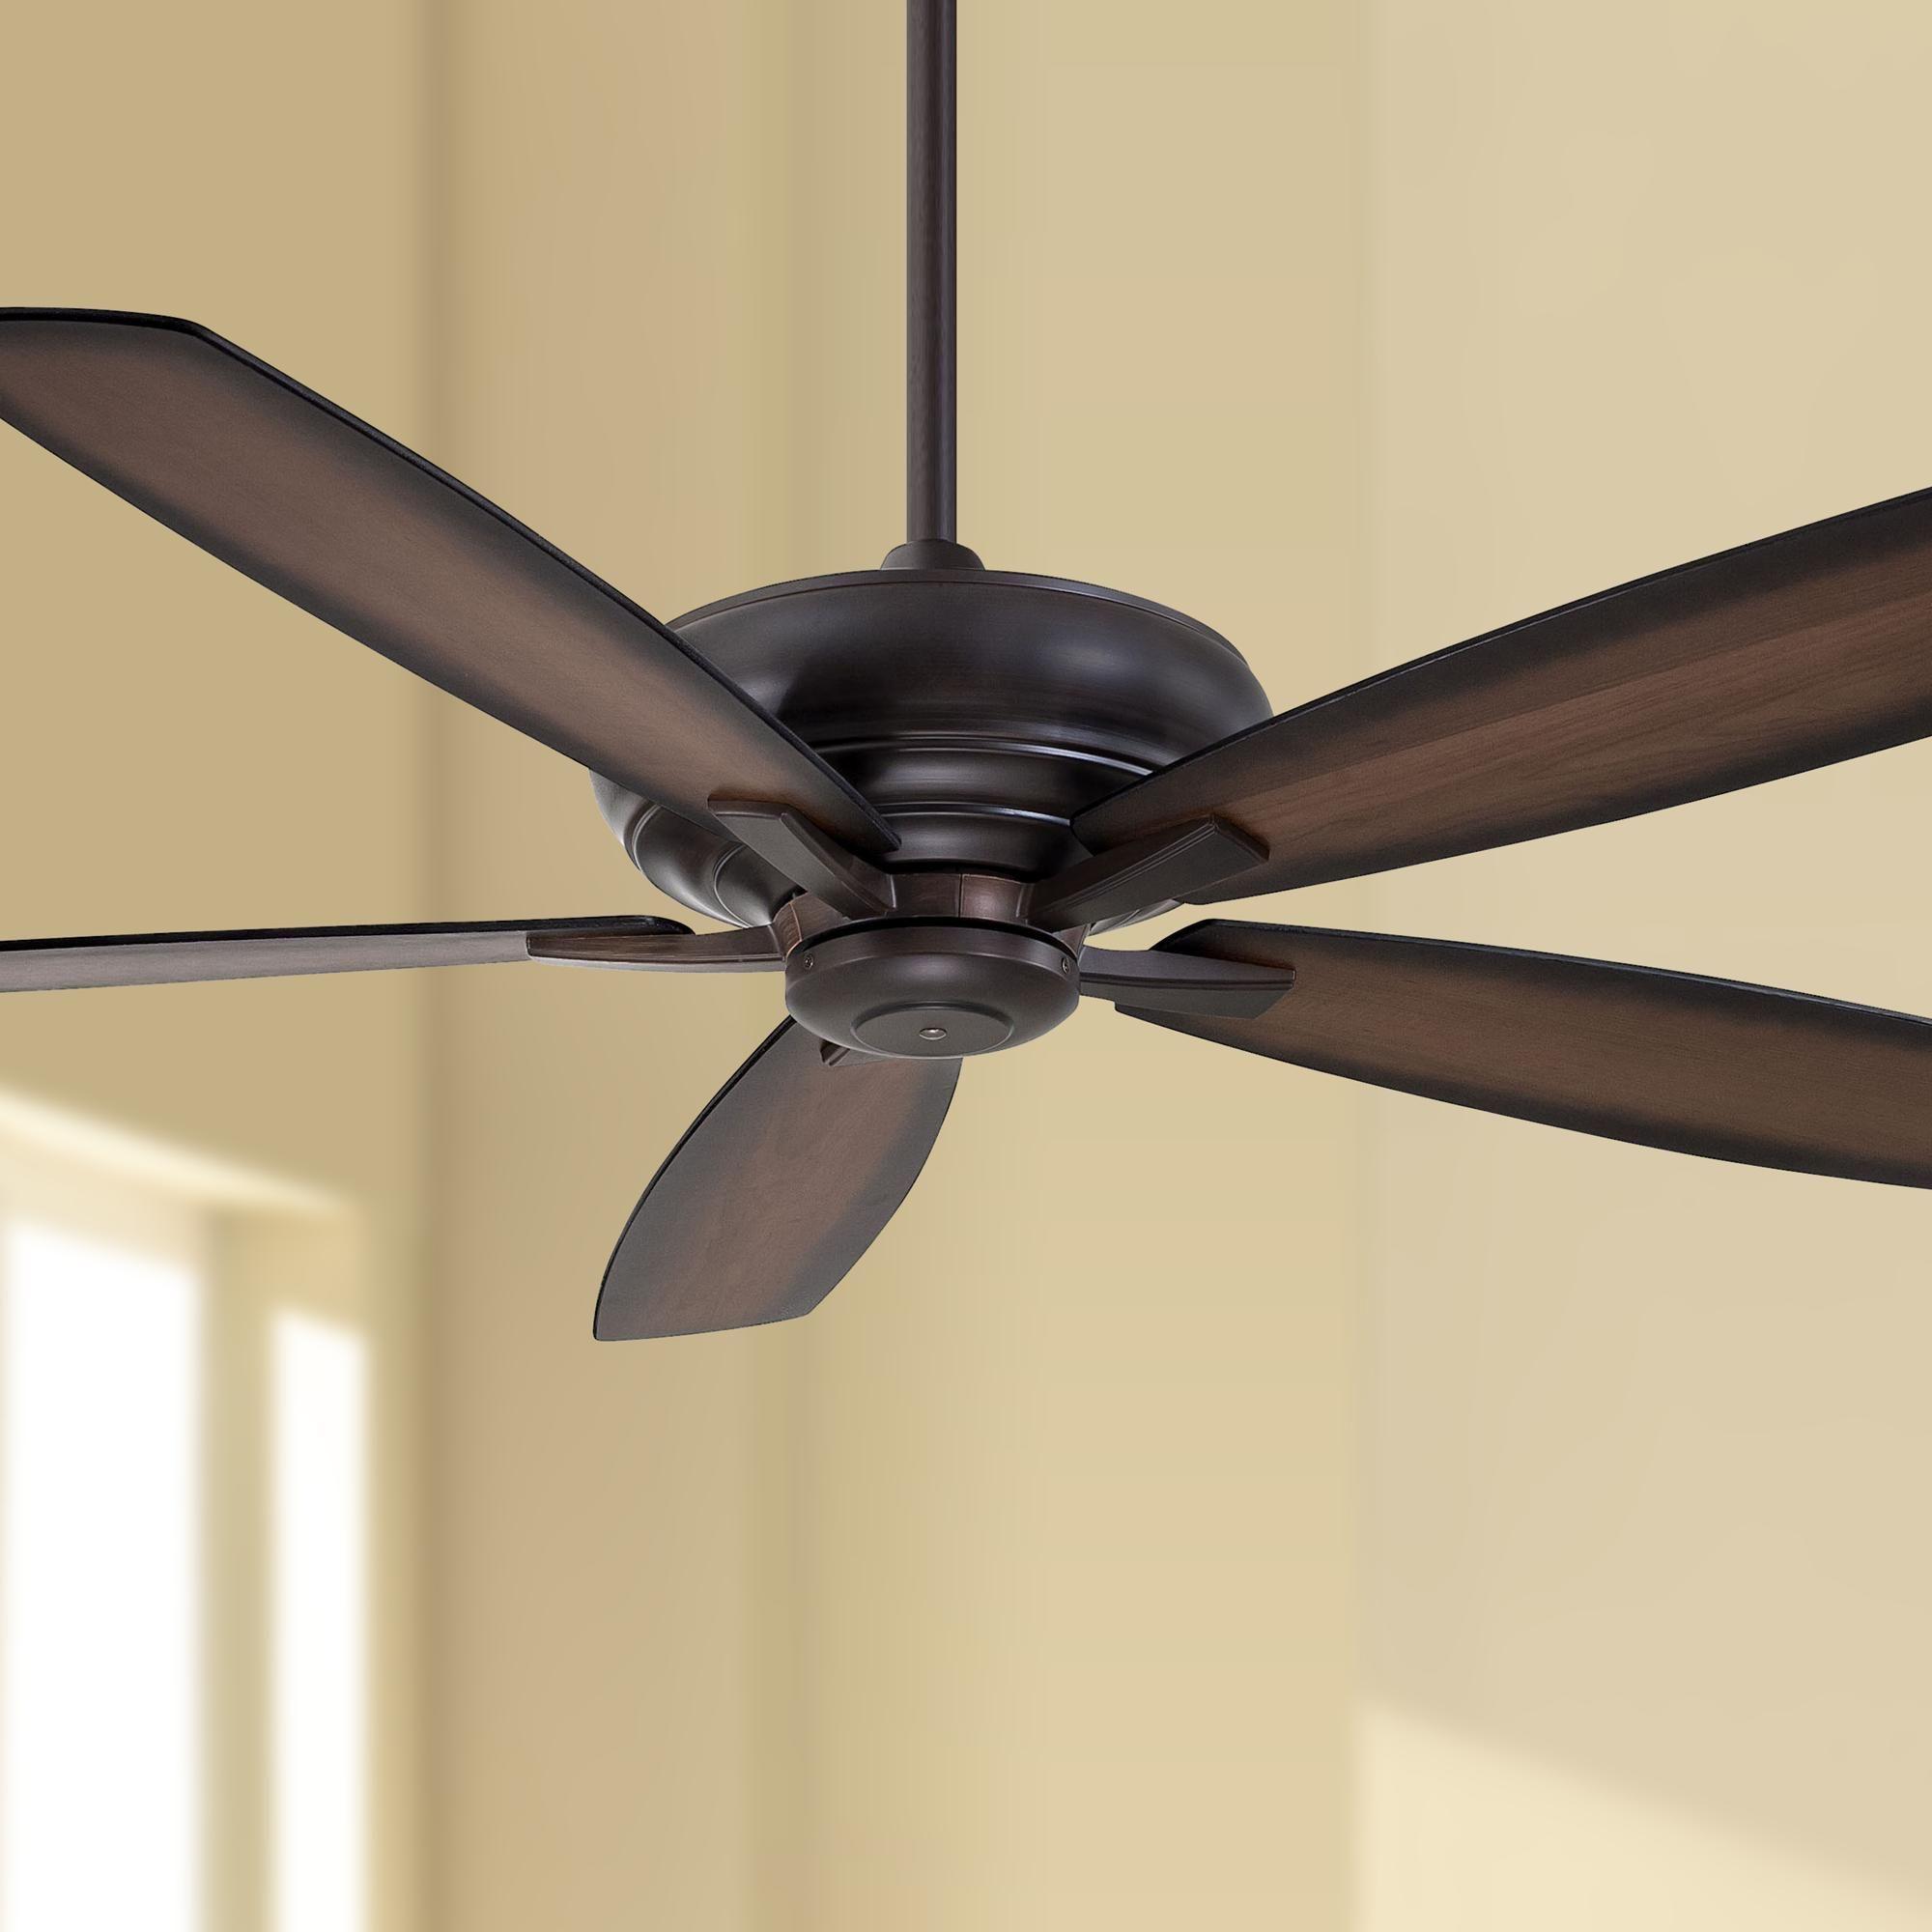 60 Inch Minka Aire Kola Kocoa Ceiling Fan In 2020 Ceiling Fan Design Coastal Ceiling Fan